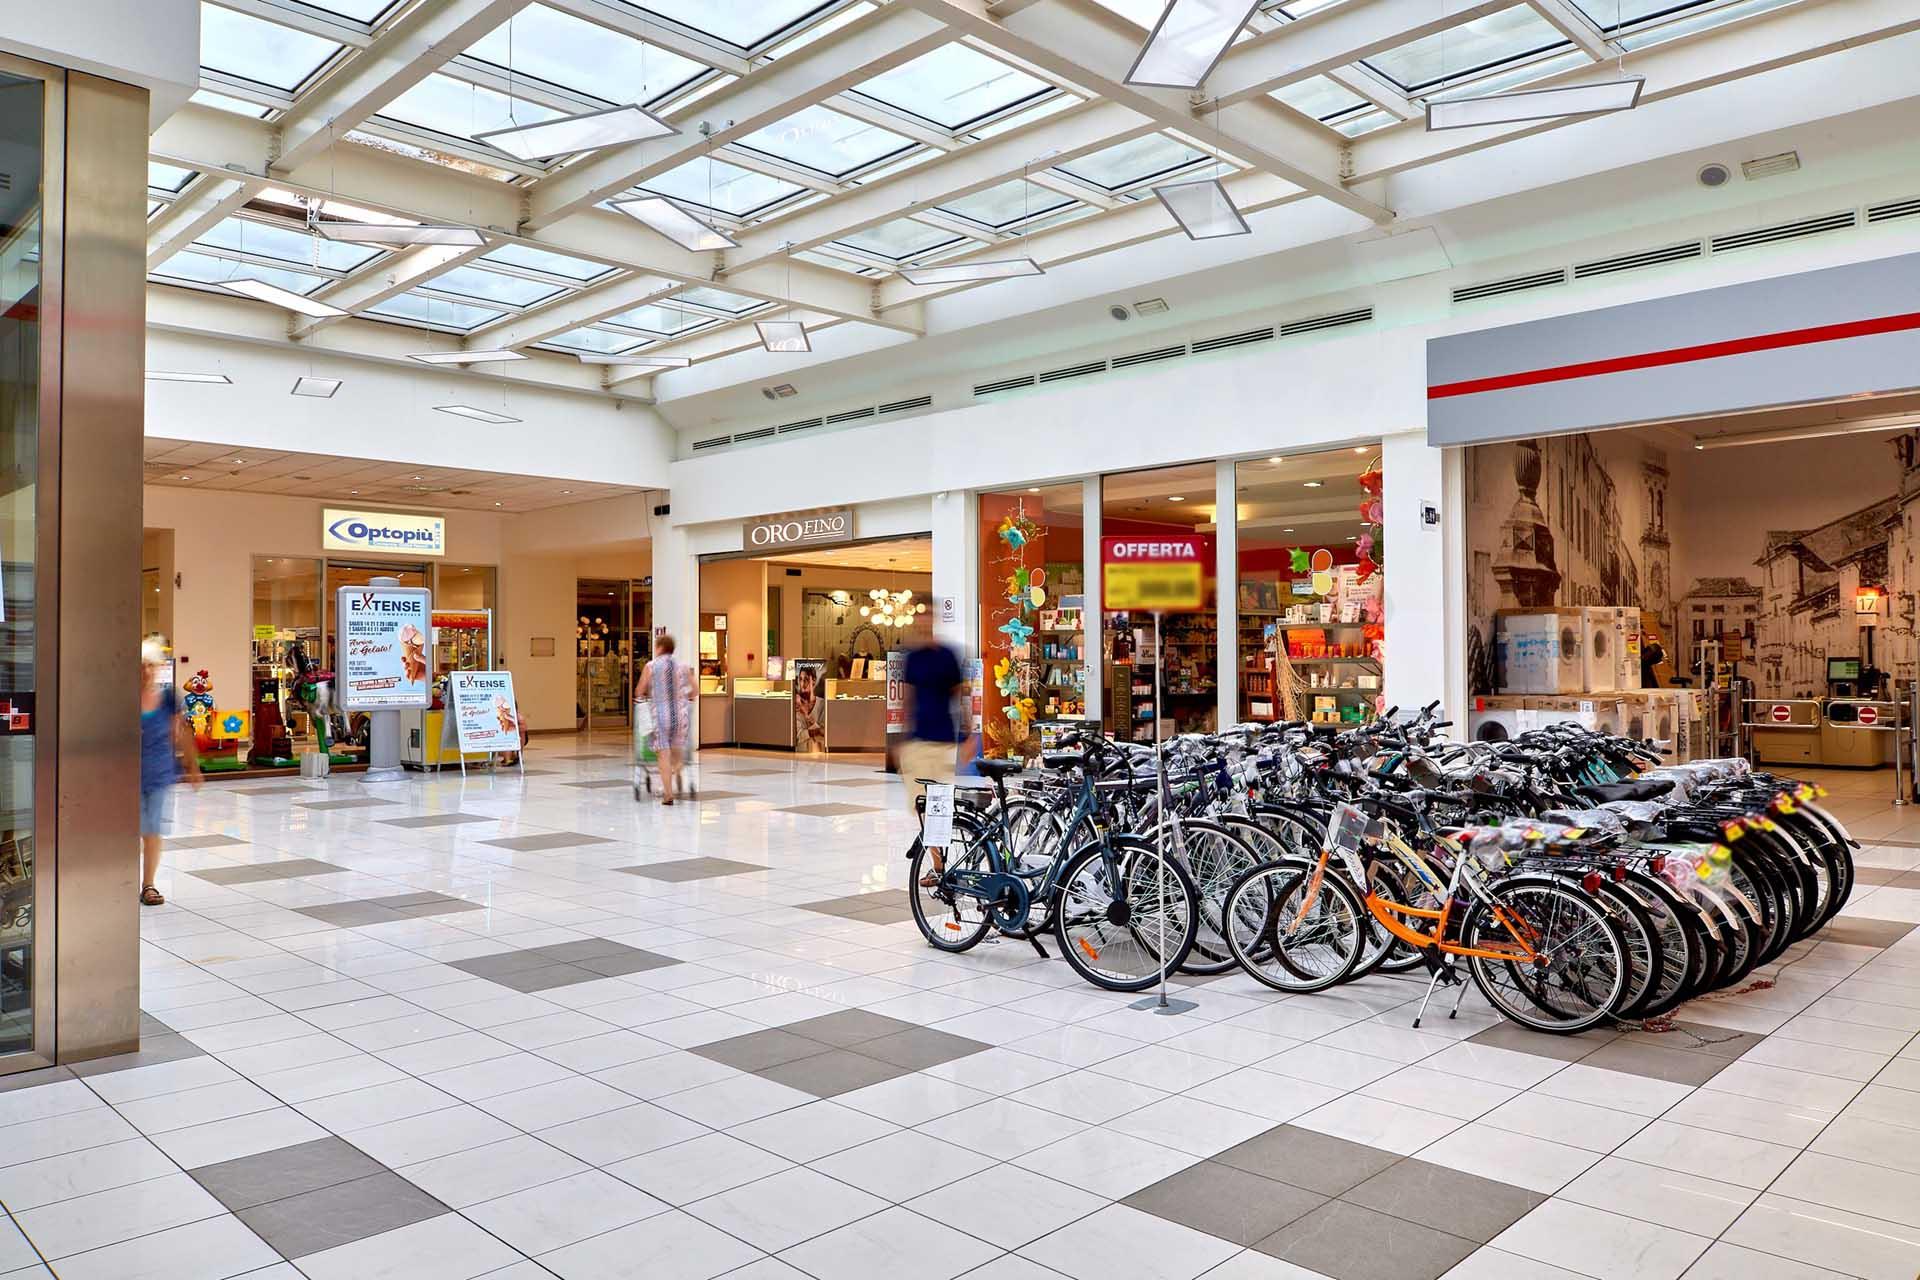 Orofino e Optopiù al Centro Commerciale Extense